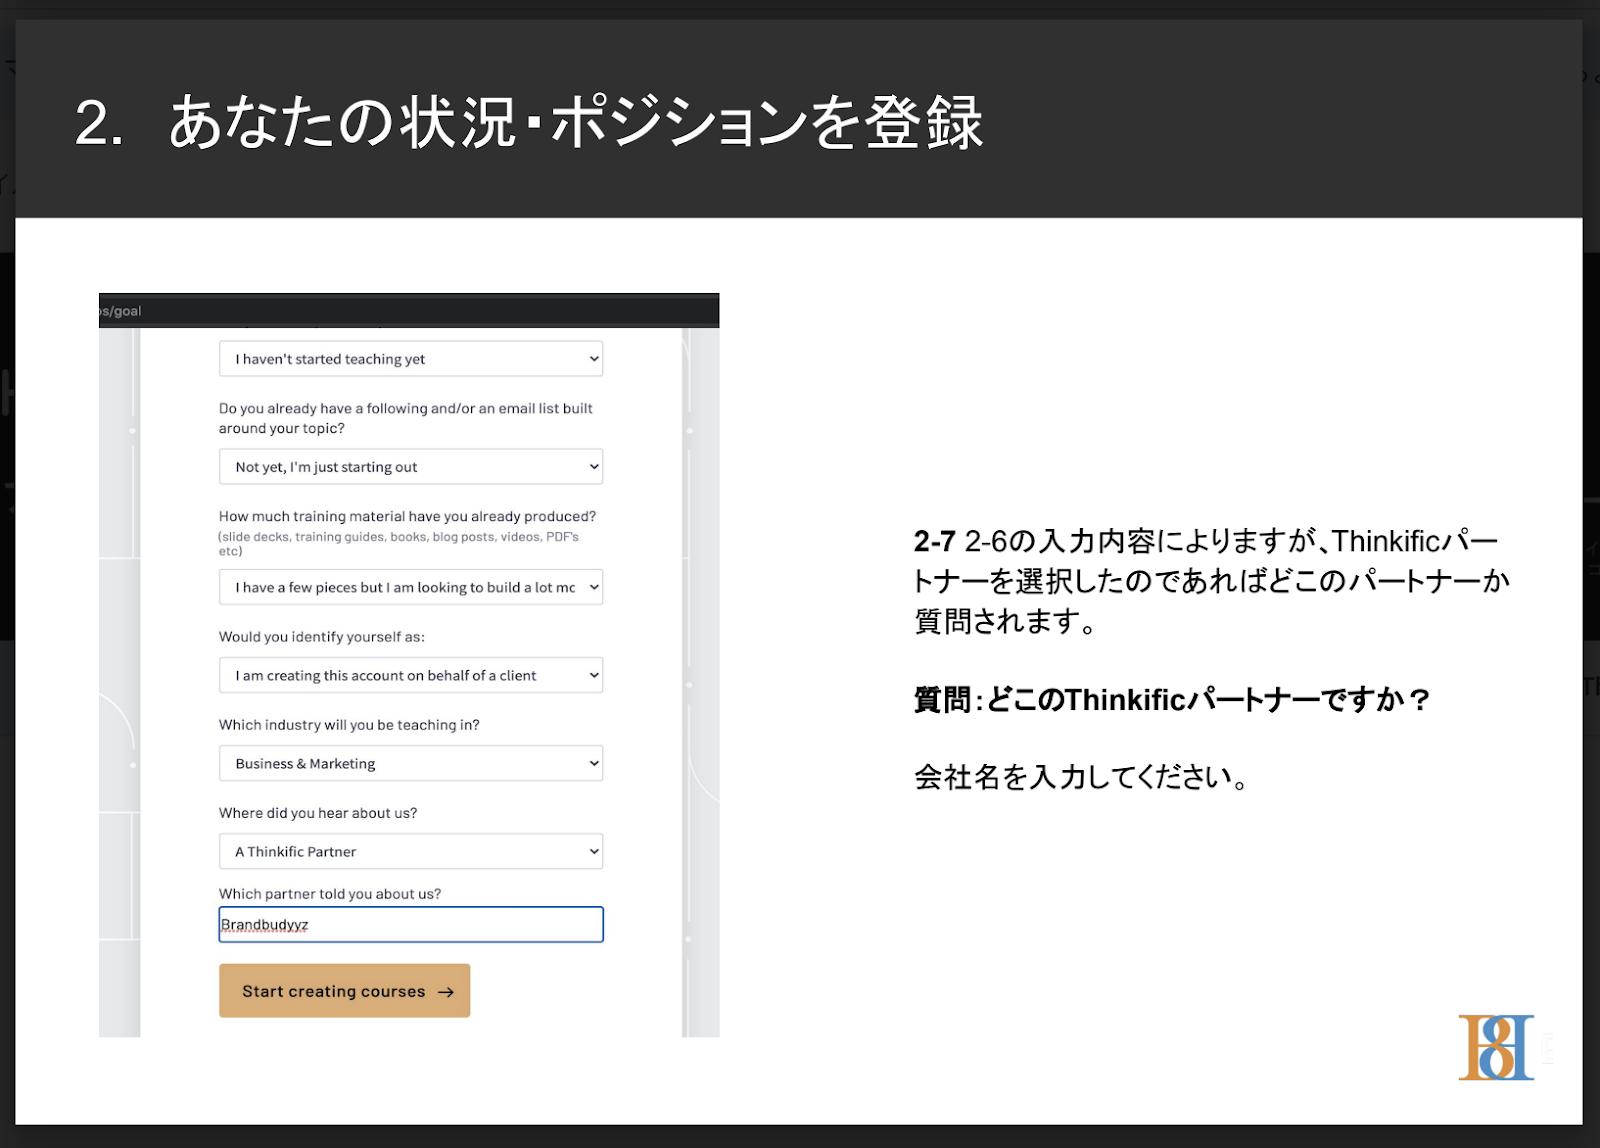 Thinific 日本語解説ガイド9